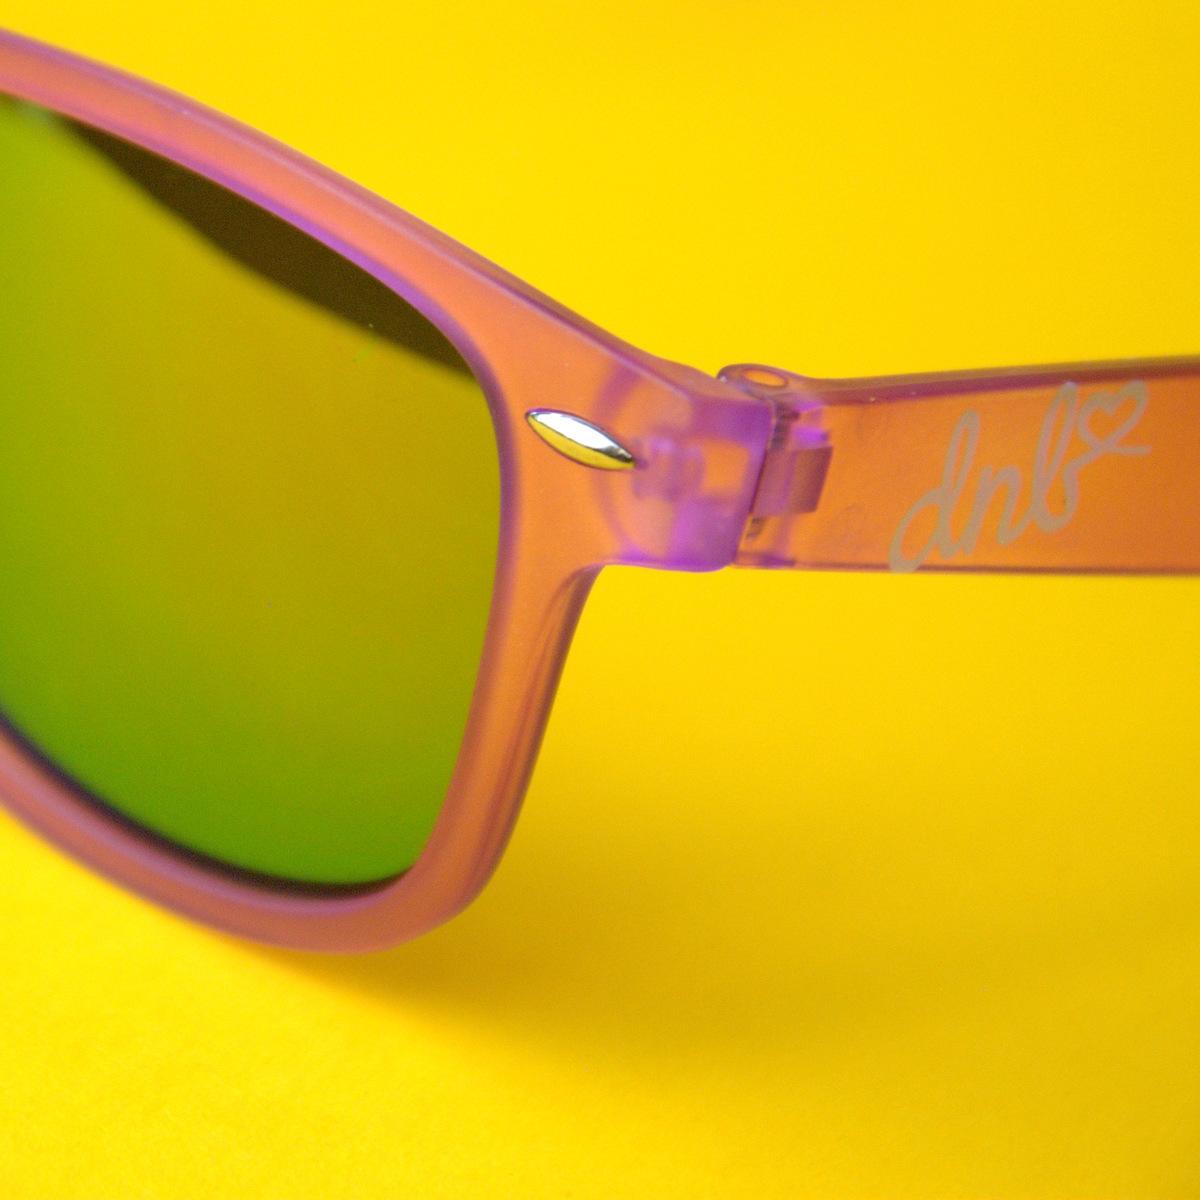 d8f340d06 Dodali sme aj slnečné okuliare s transparentným rámikom ...